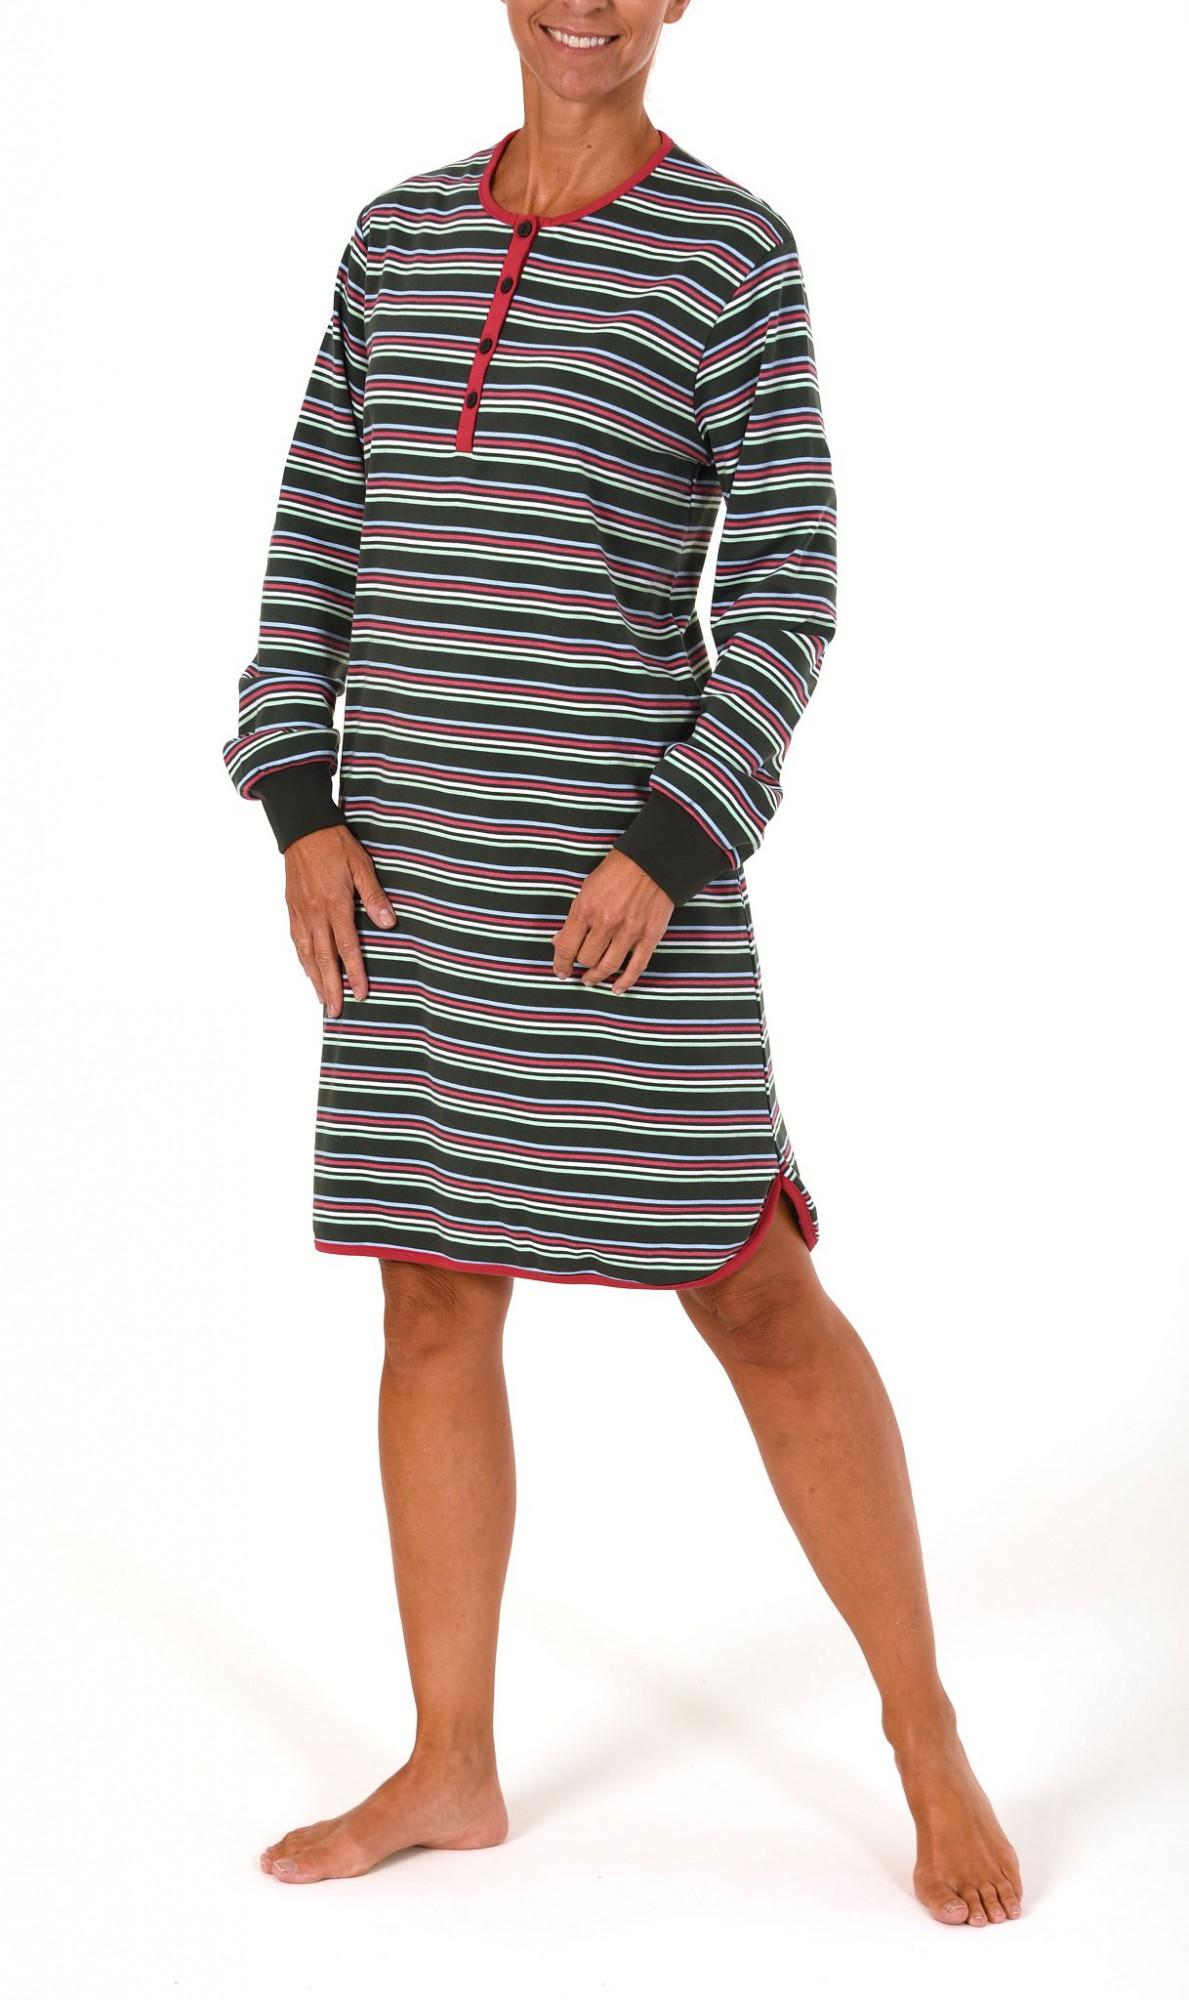 Damen Kurz Nachthemd in Kuschel Interlock Qualität geringelt – 261 213 96 120 – Bild 2